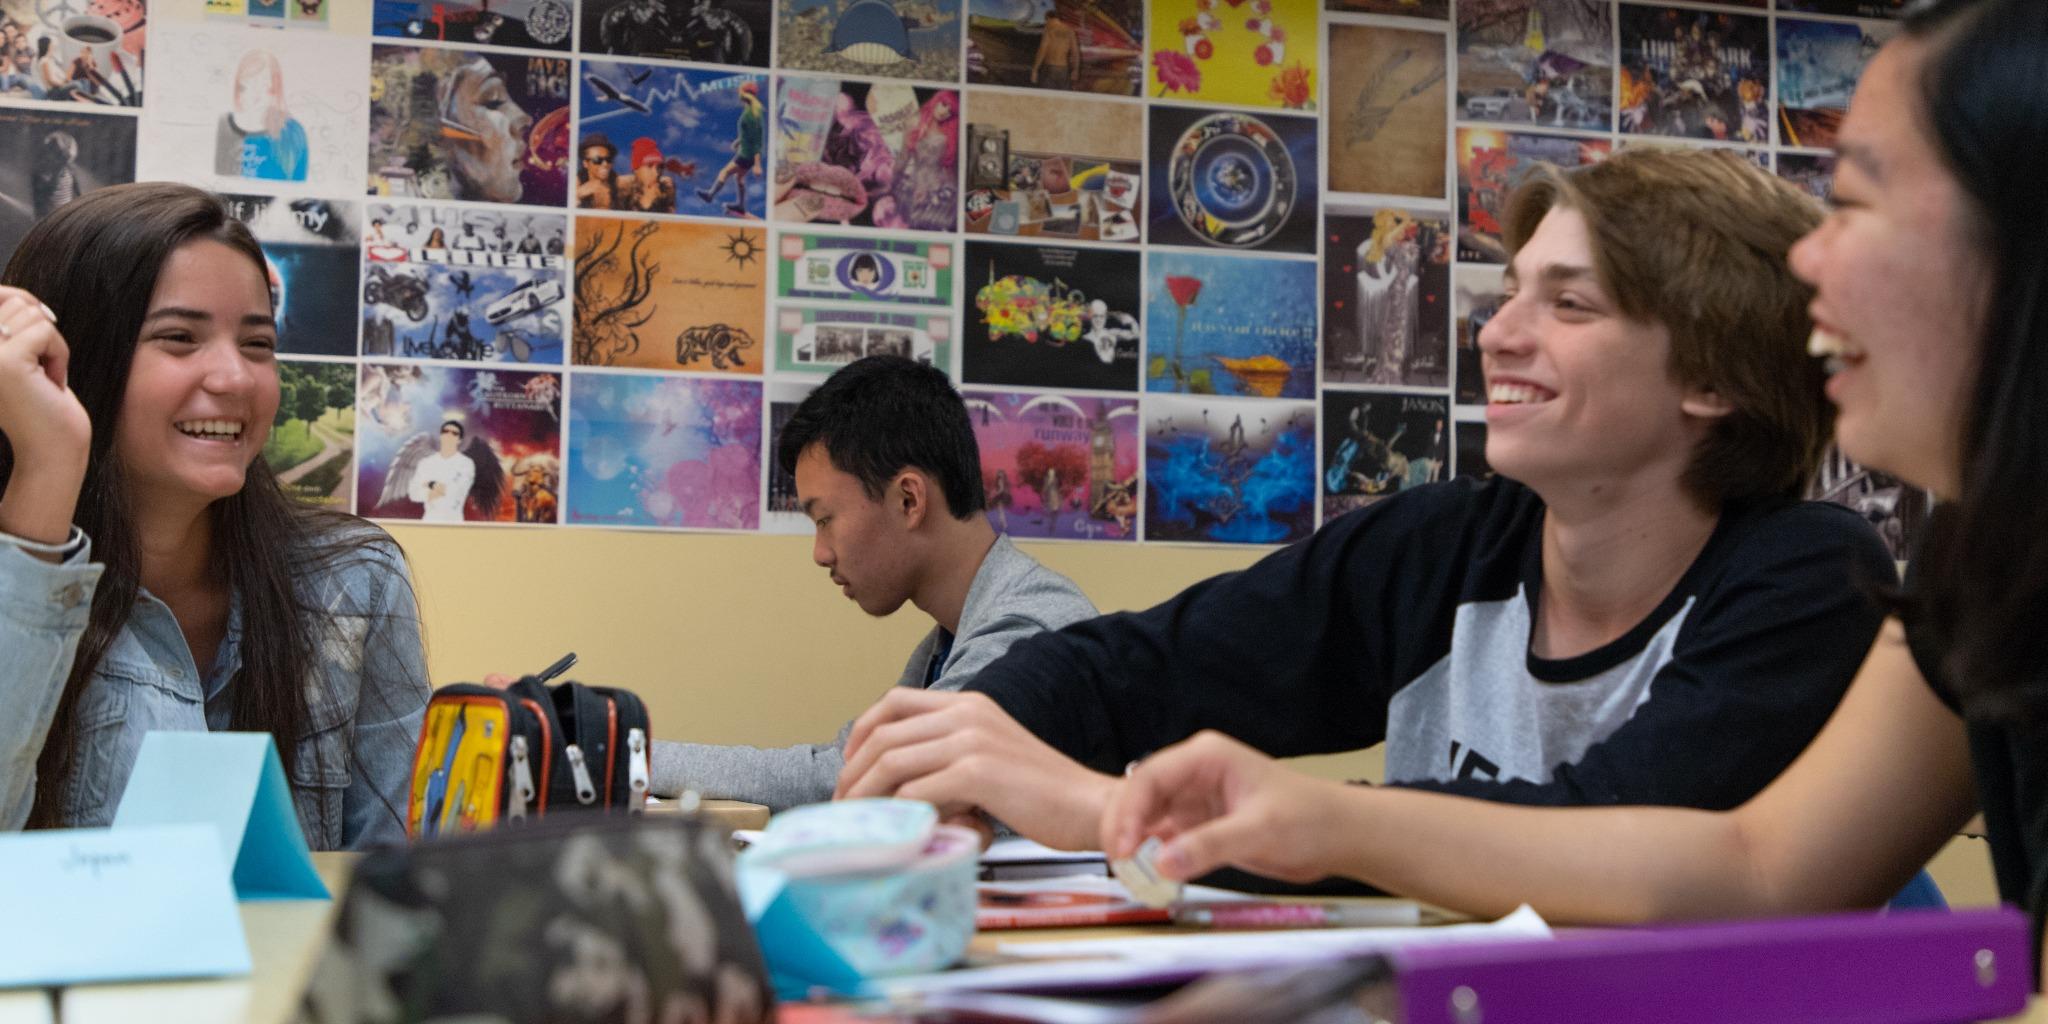 ISI国際学院 ジュニア 中高生 短期留学 カナダ バンクーバー 英語学習 クラスメイト インターナショナルスチューデント 語学留学